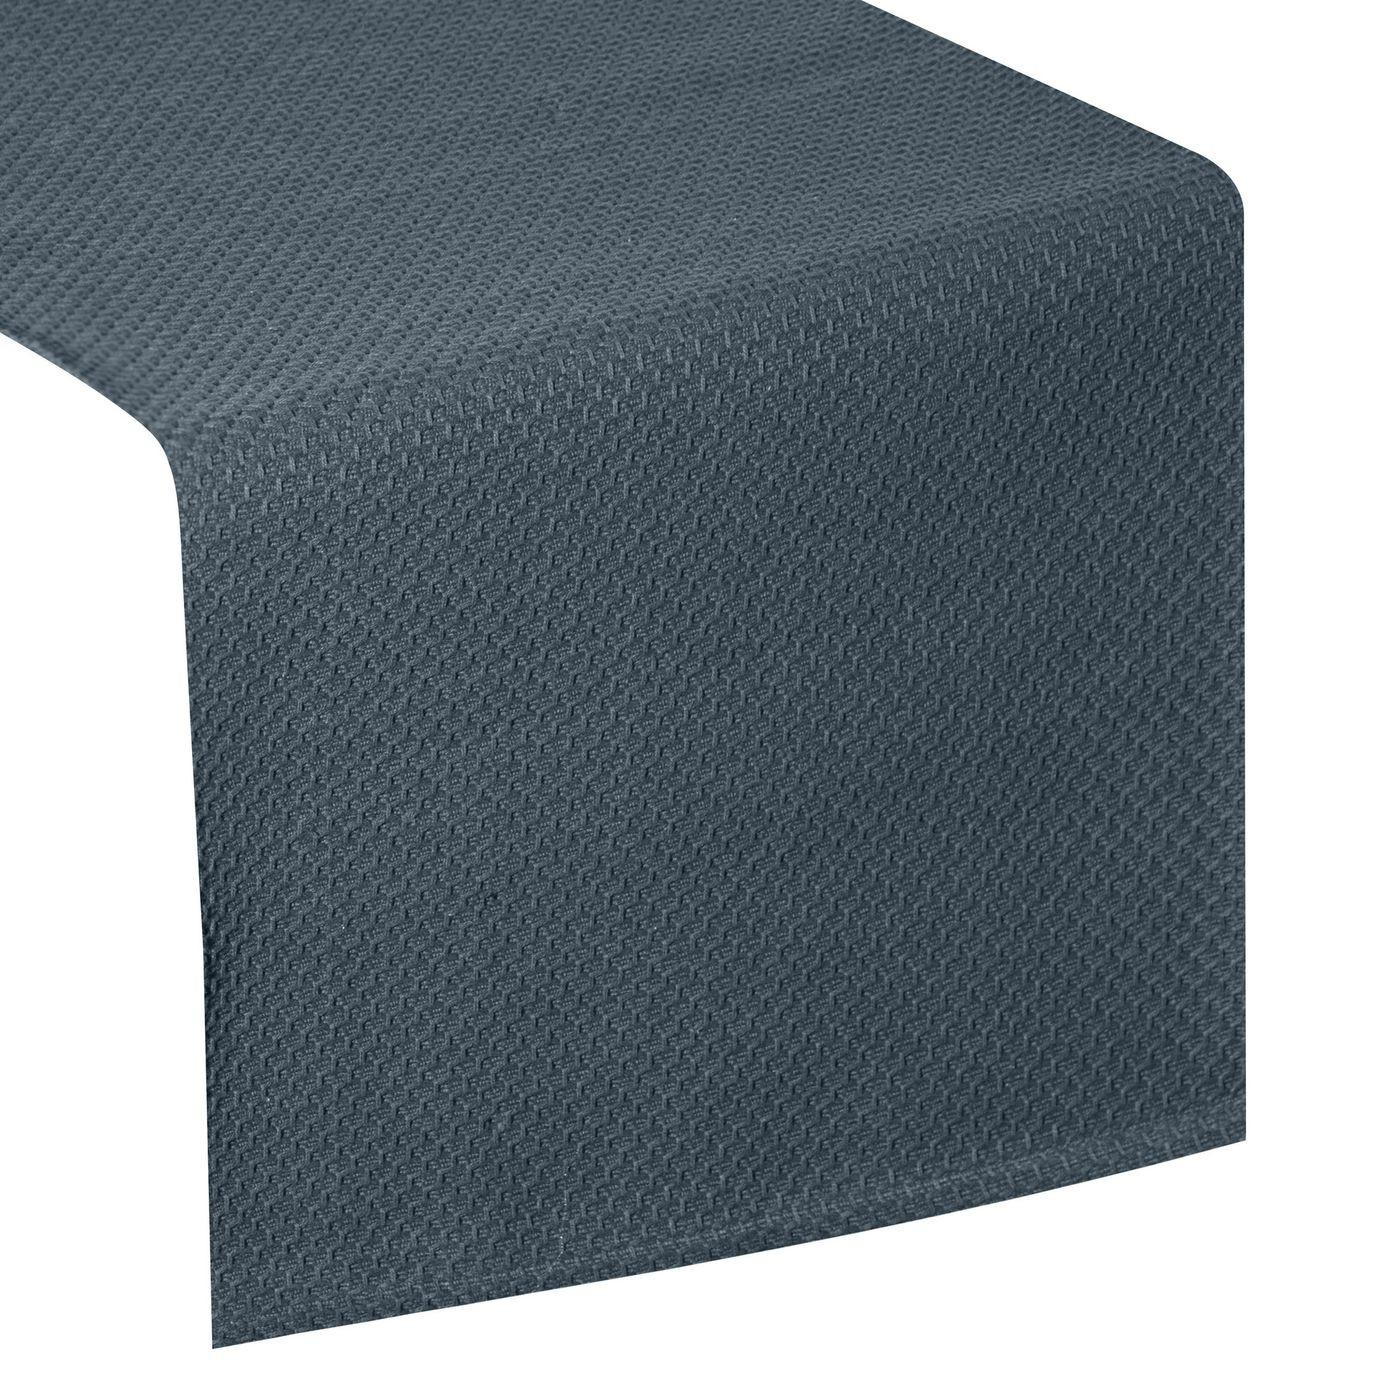 Granatowy bieżnik na stół bawełniany 40x140 cm